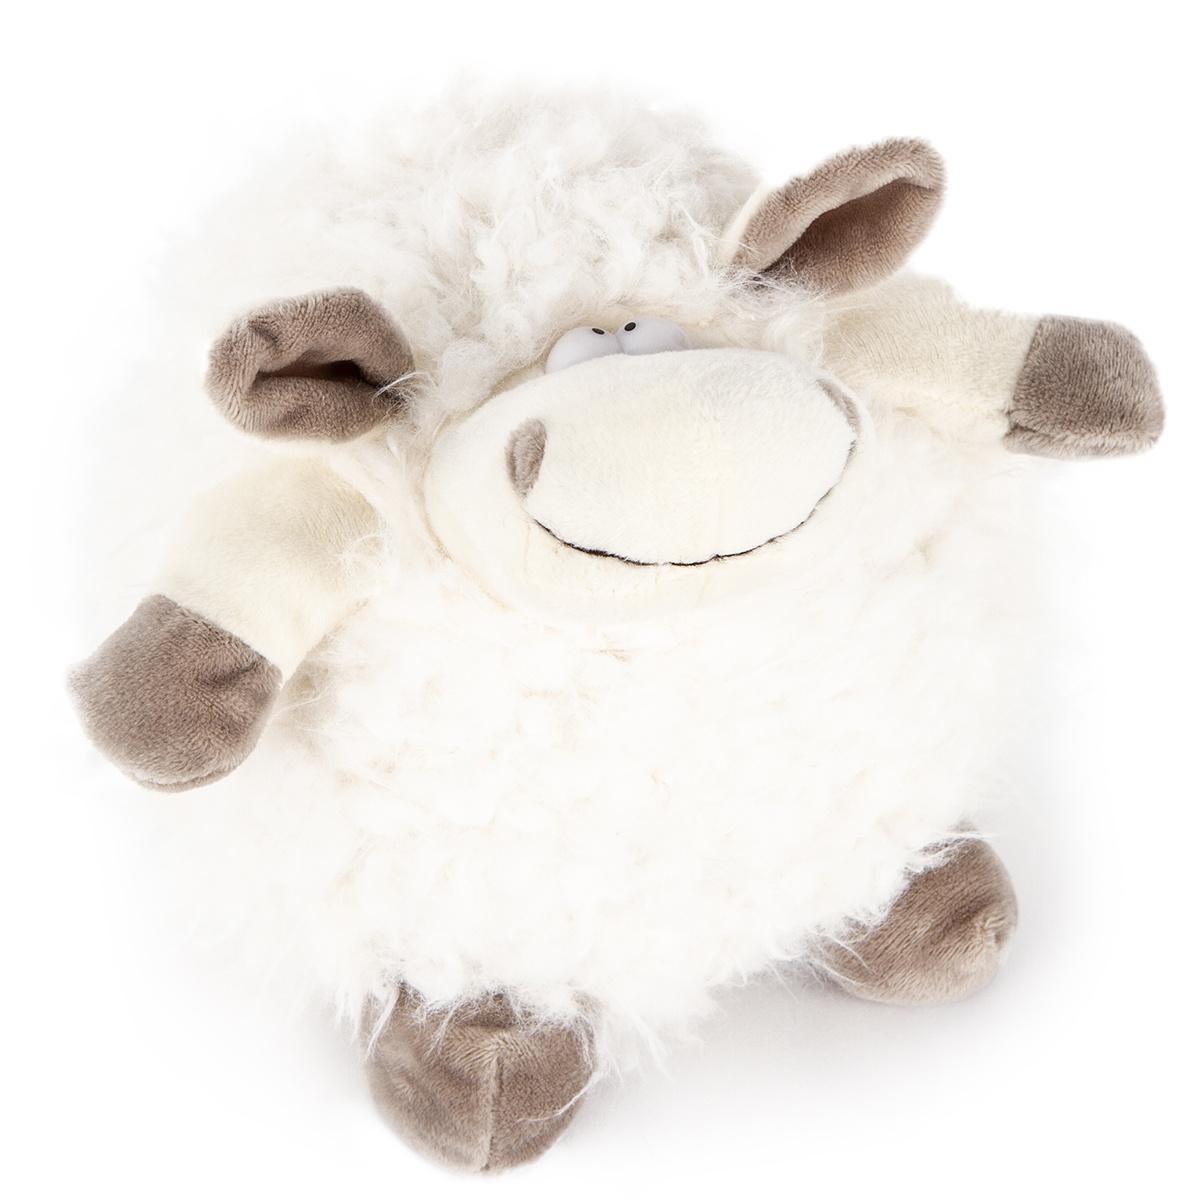 Bo-Ma Trading Plyšová ovce Bílá koule, 17,5 cm